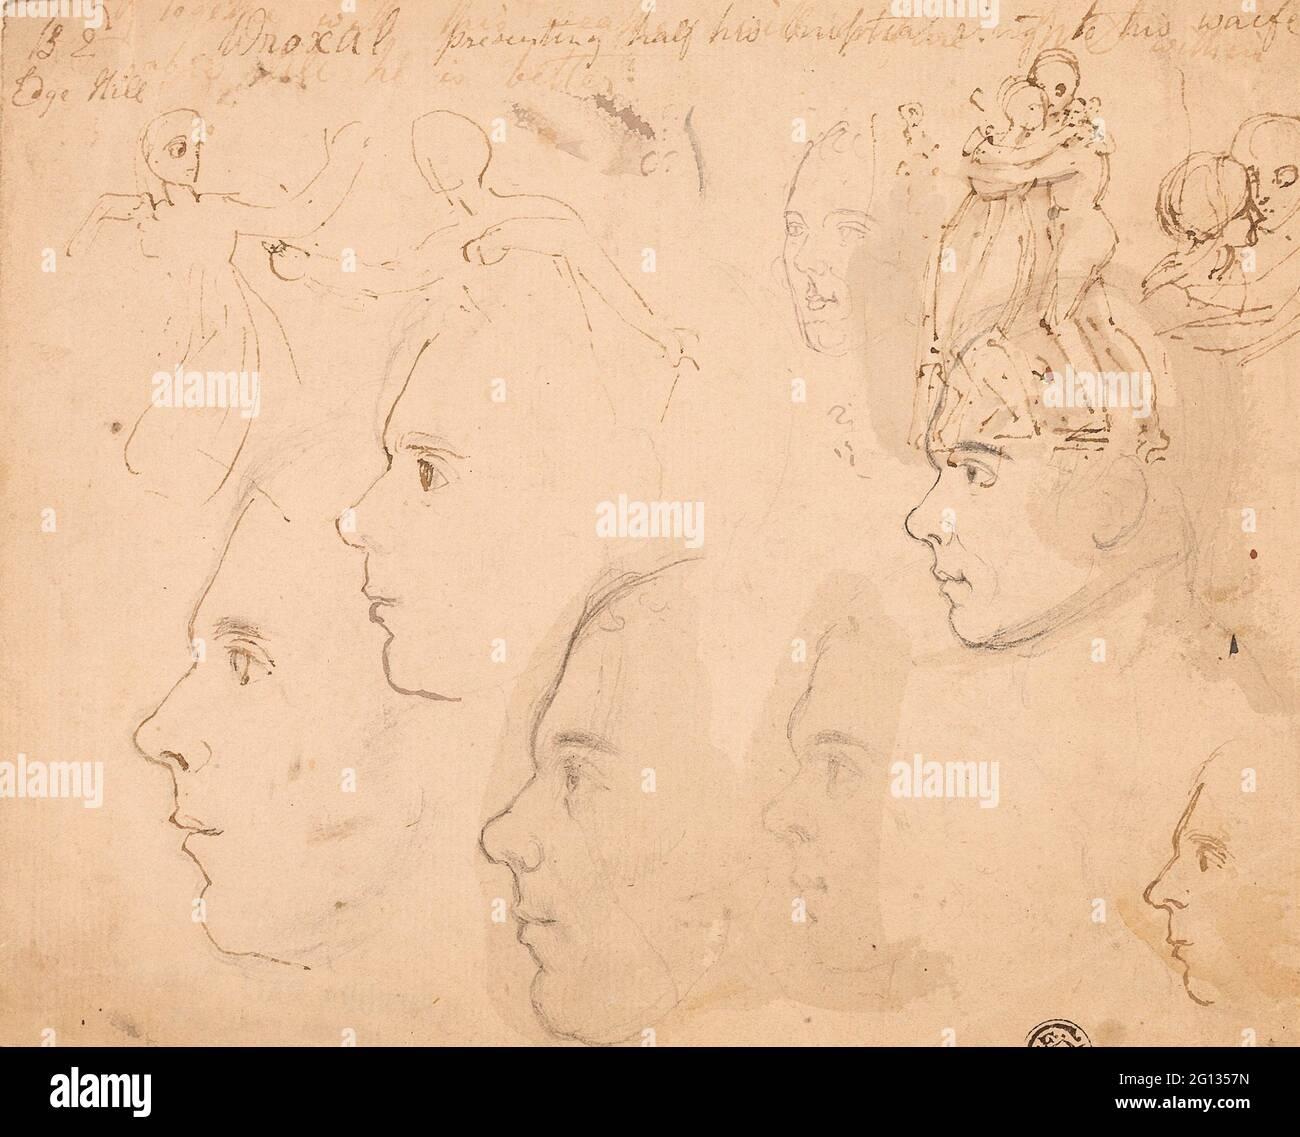 Auteur: Thomas Stothard. Croquis de profils masculins, couple embrassant - attribué à Thomas Stothard English, 1755-1834. Graphite et stylo et marron Banque D'Images